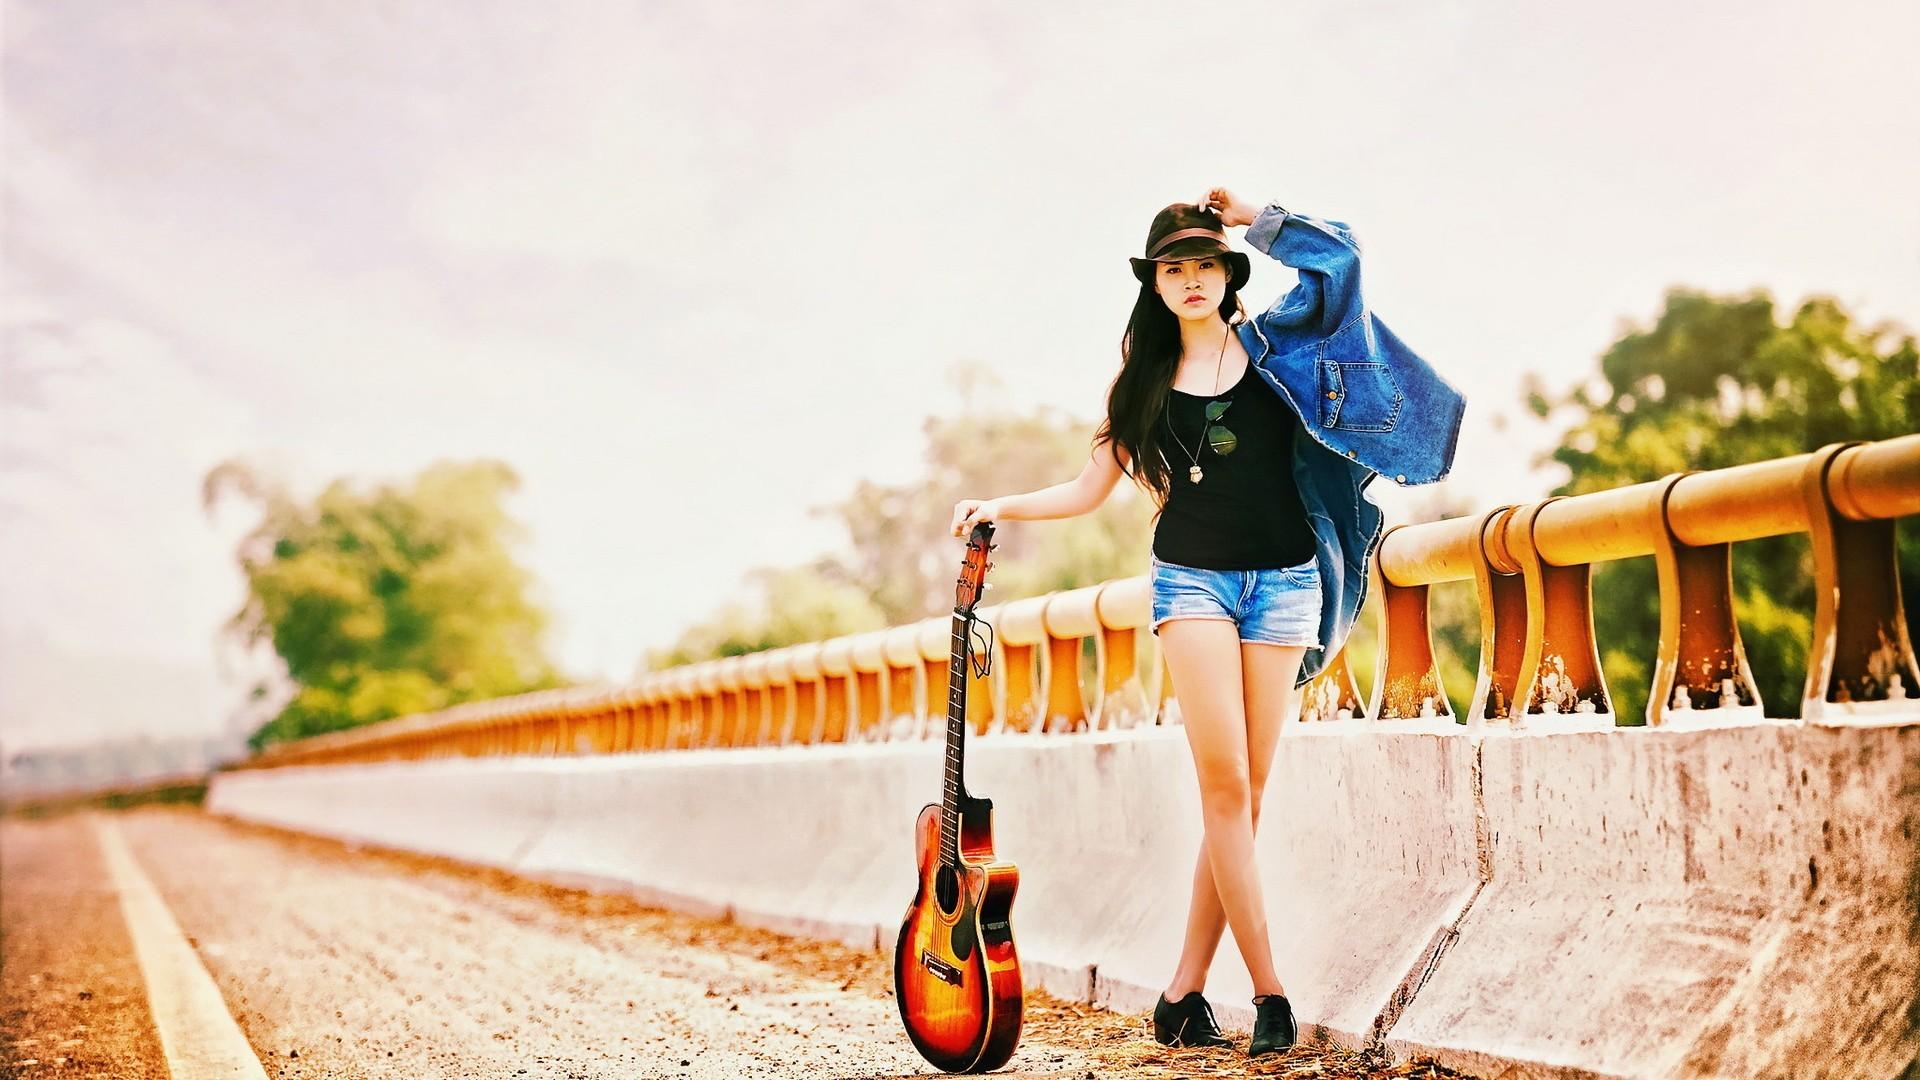 Res: 1920x1080, Guitar Girl. Wallpaper: Guitar Girl